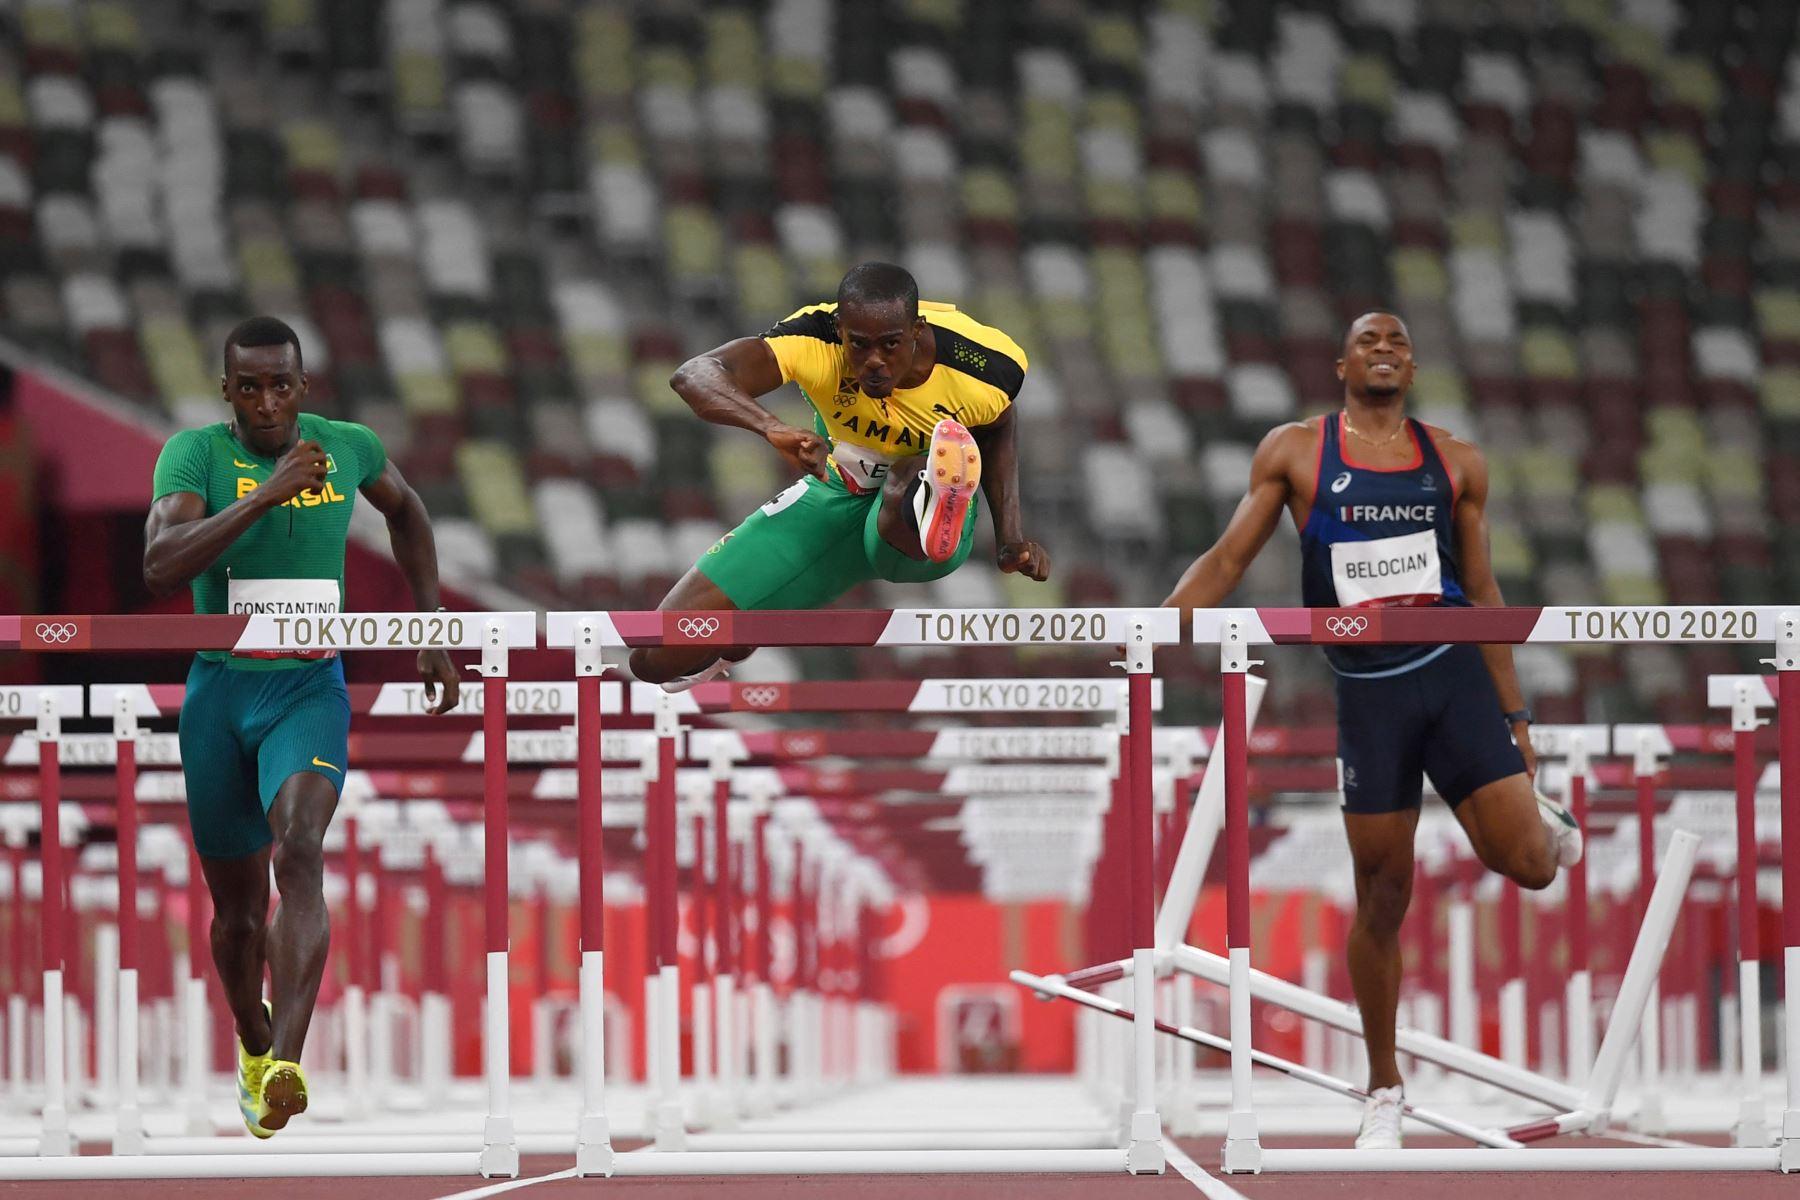 Gabriel Constantino (L) de Brasil, Ronald Levy (C) de Jamaica y Wilhem Belocian (R) de Francia compiten en las eliminatorias masculinas de 110 metros con vallas durante los Juegos Olímpicos de Tokio 2020.  Foto: AFP